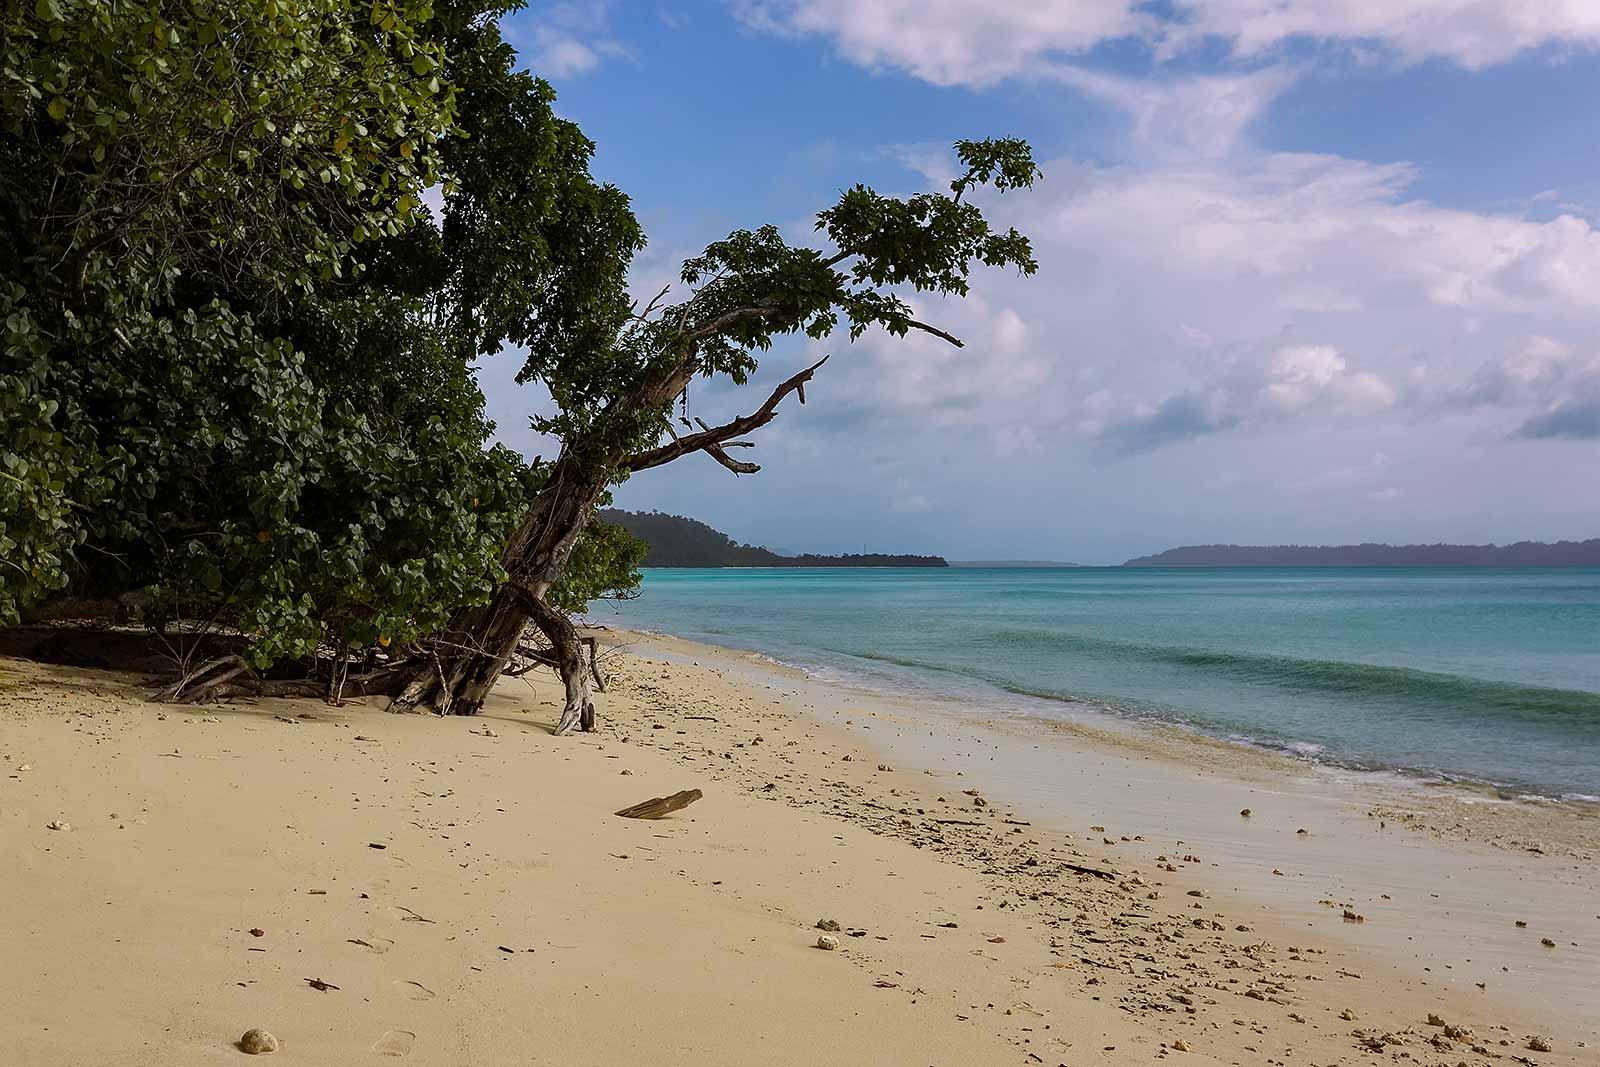 havelock-island-vijaynagar-beac-andaman-islands-india-8